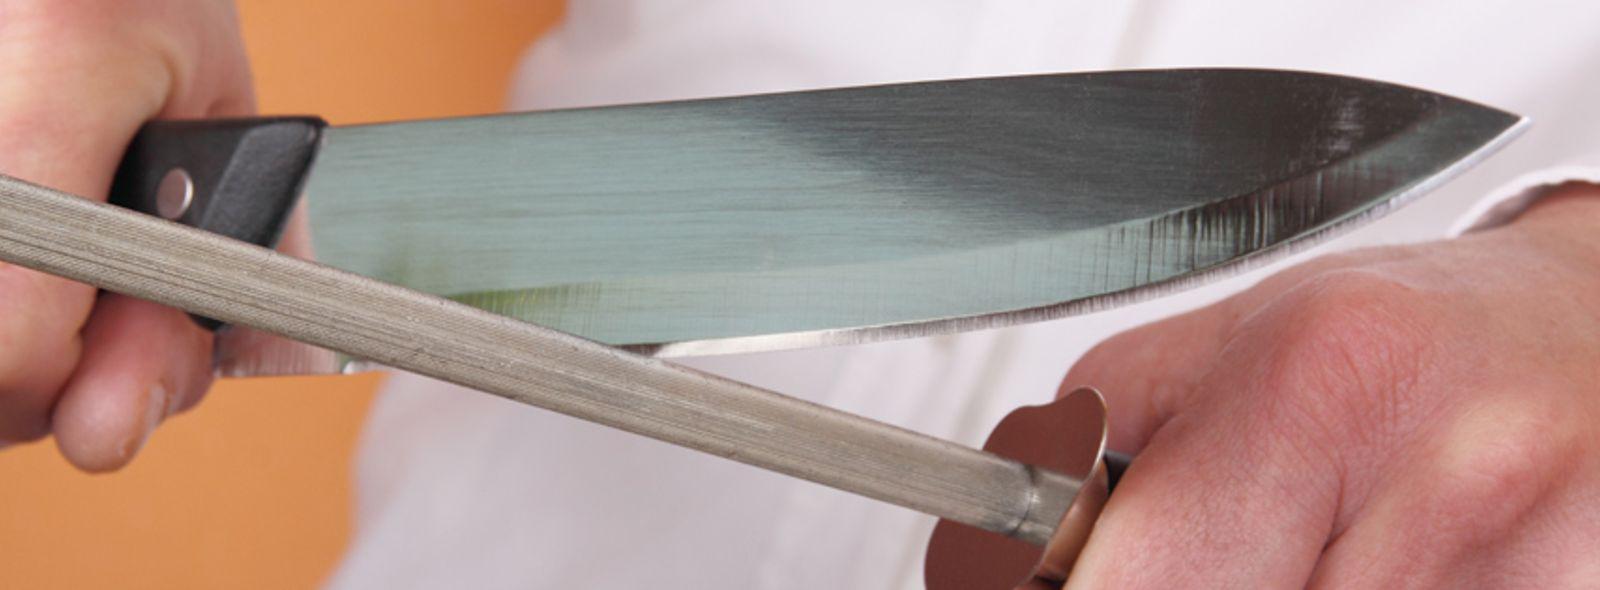 limare coltelli  Come affilare coltelli | Trovami